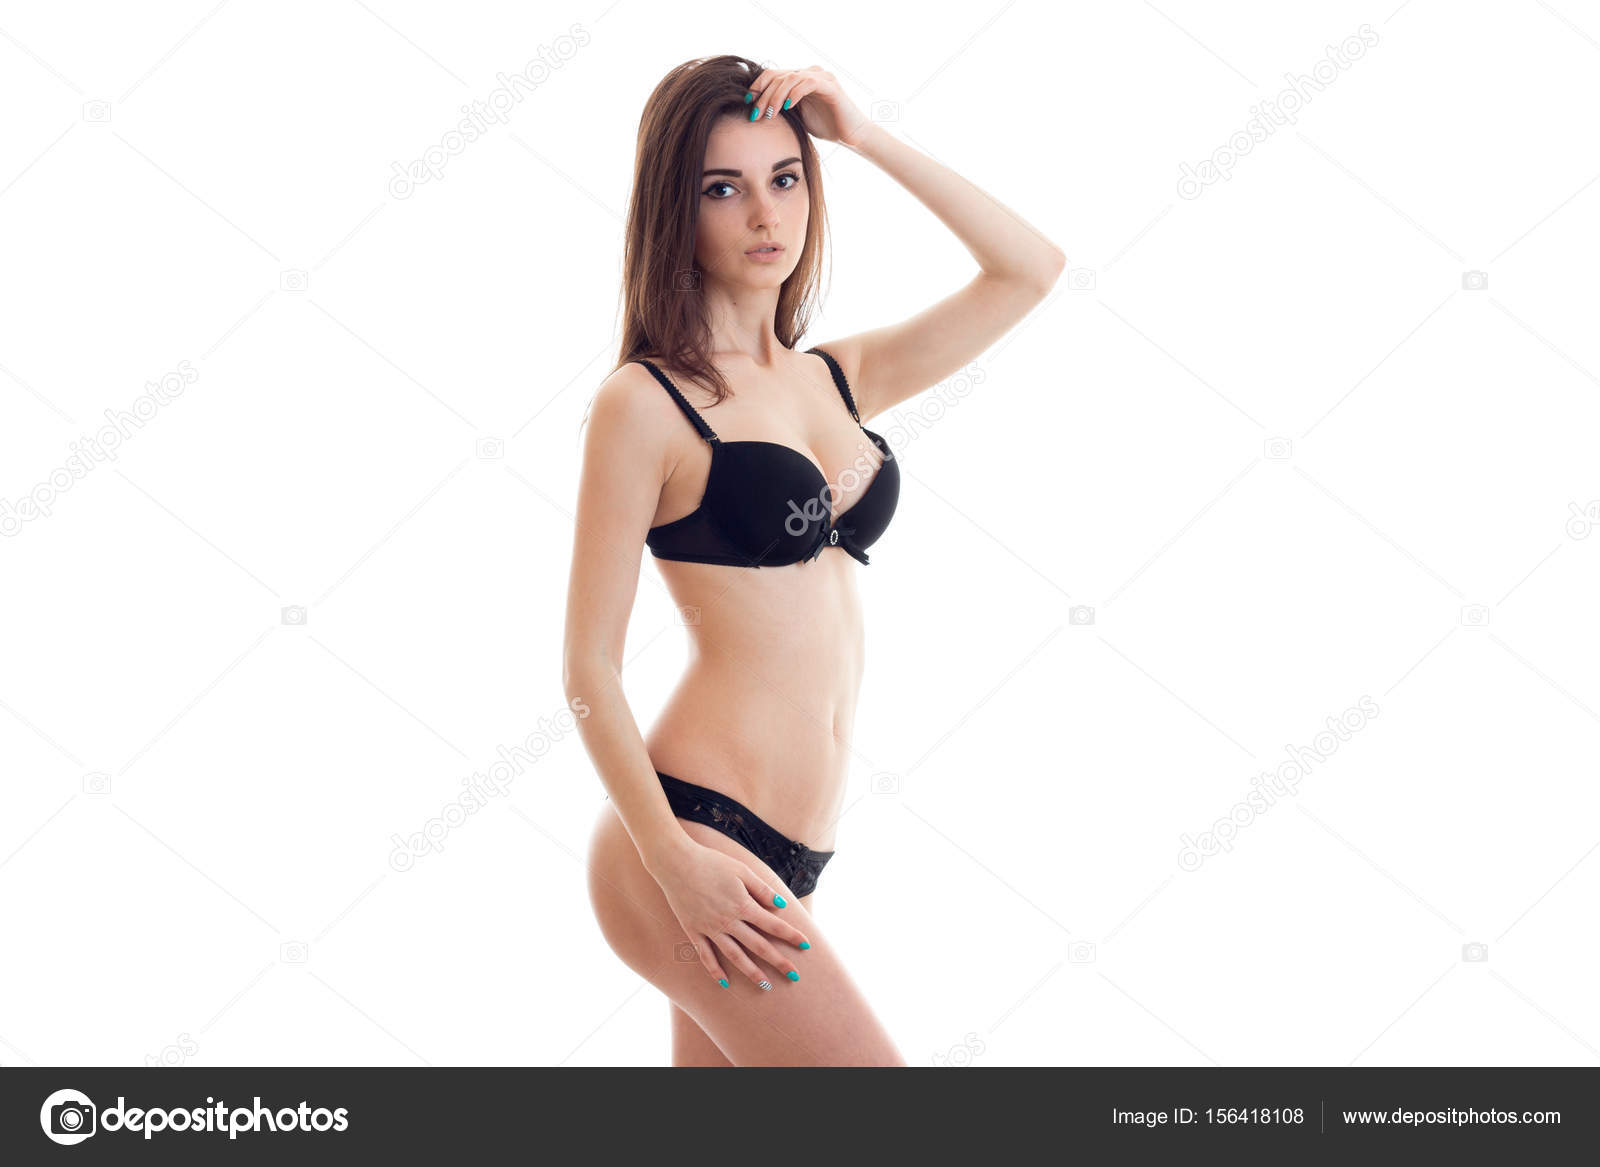 σέξι κοκαλιάρικο μαύρο έφηβος